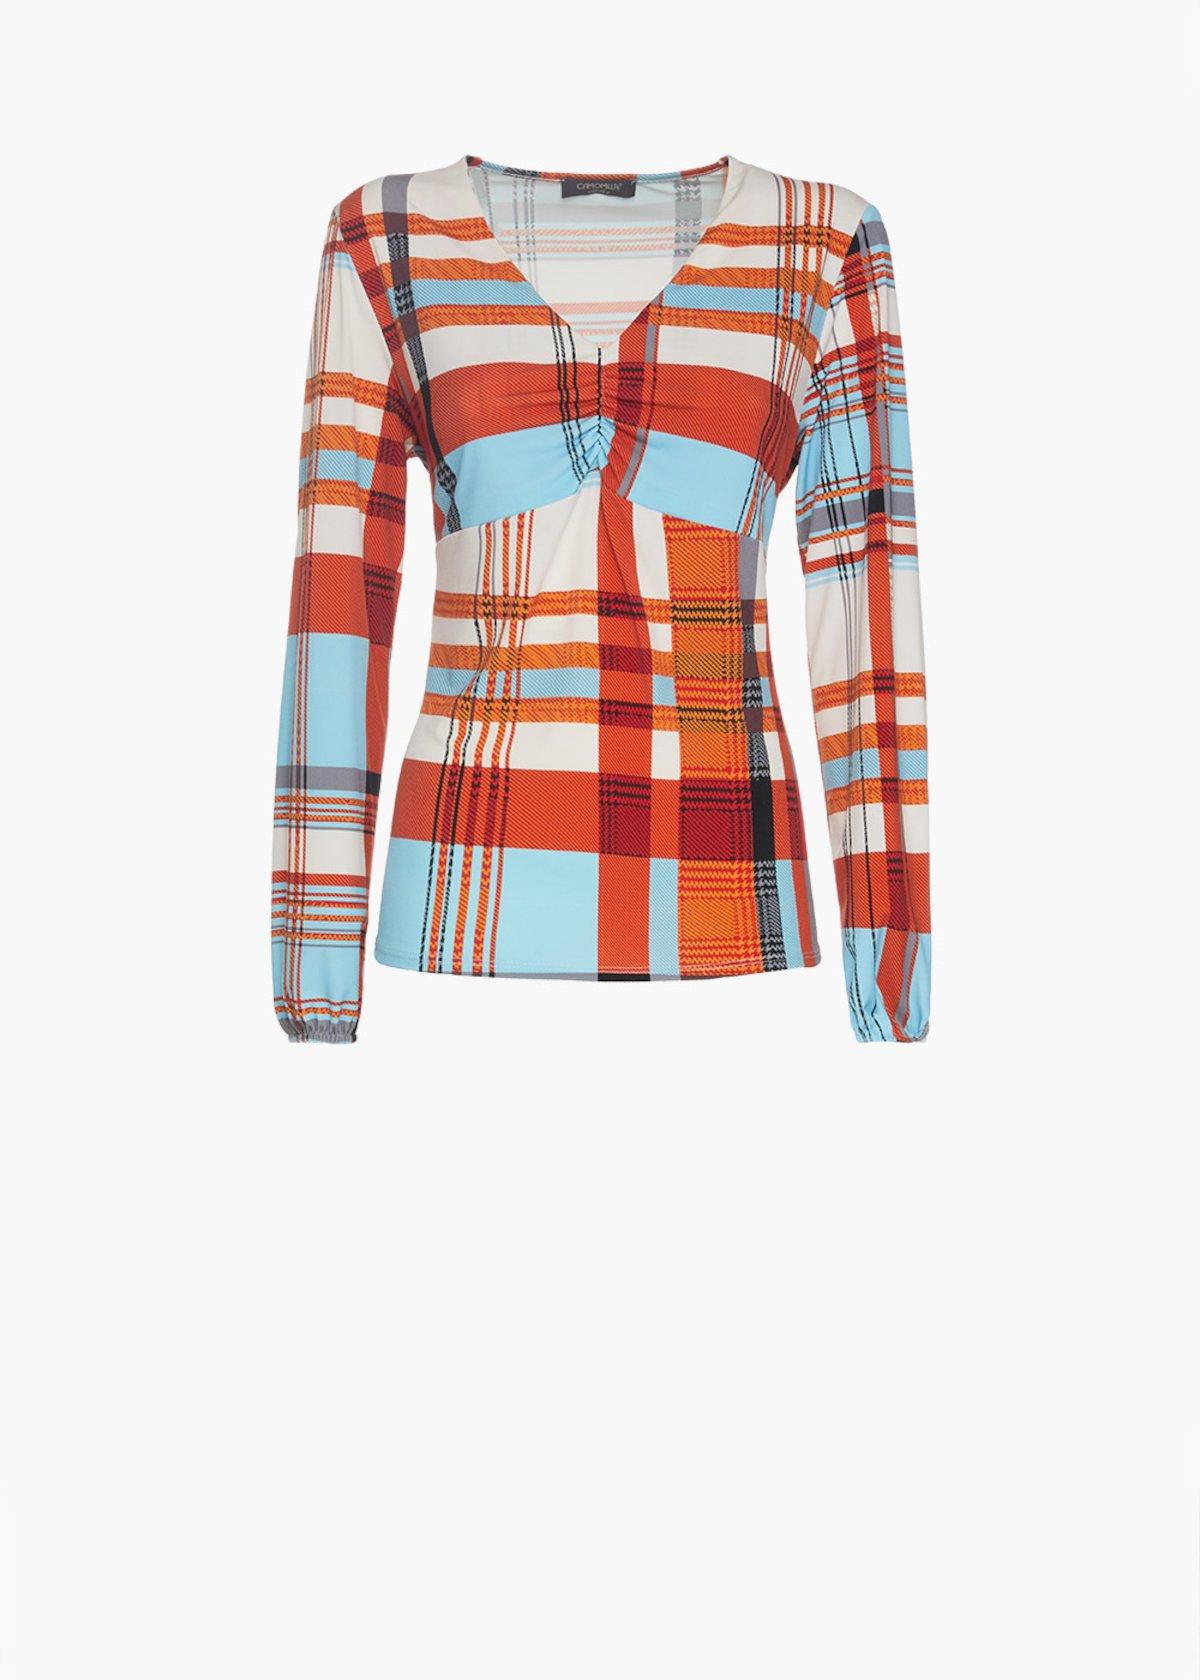 Patterned madras t-shirt Senorita in jersey